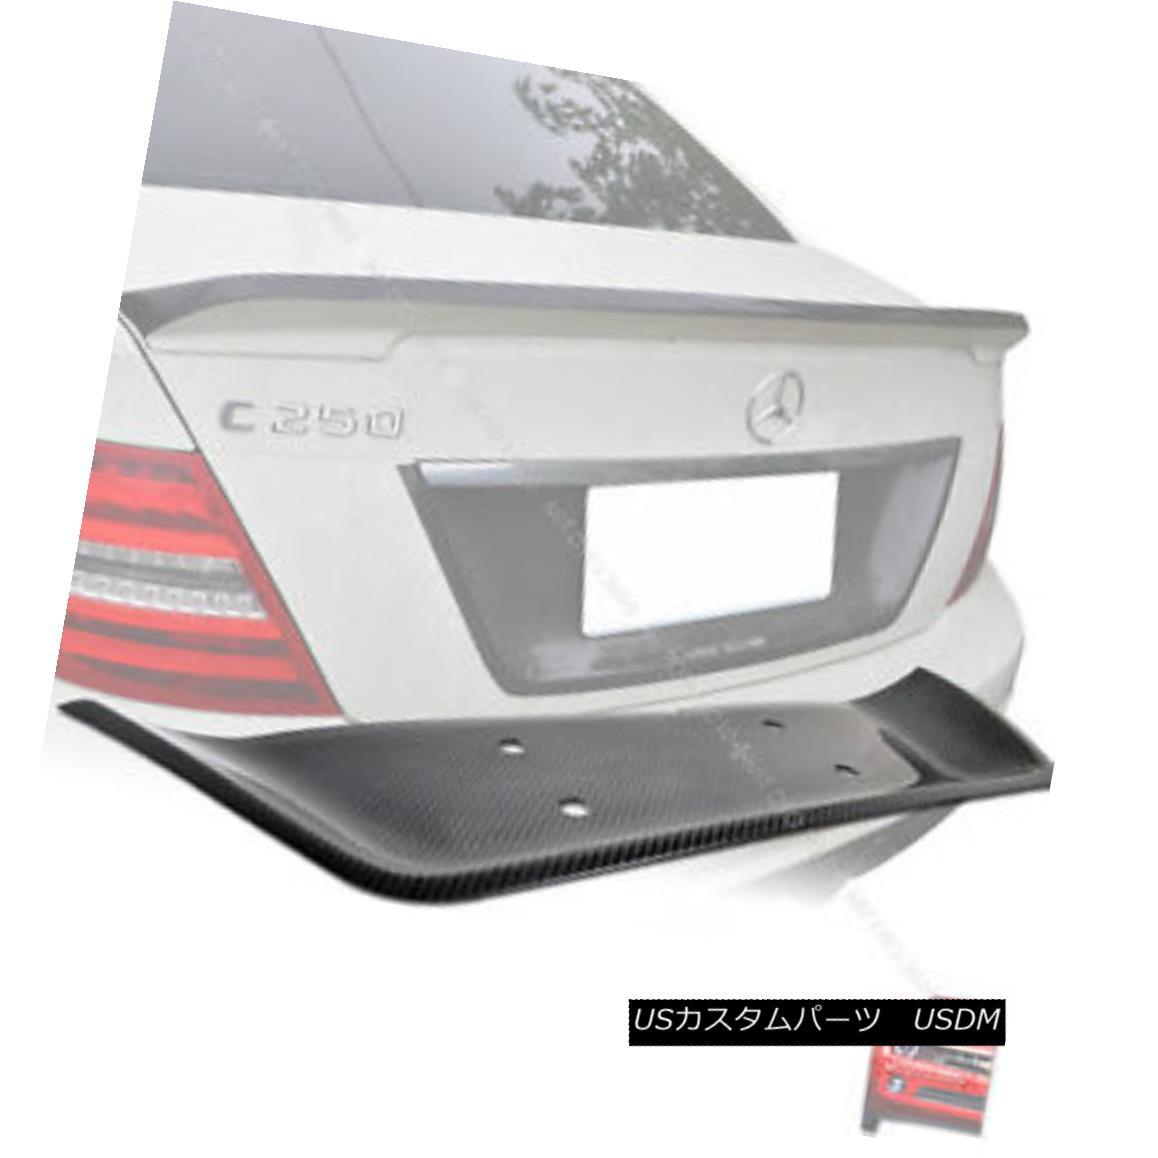 エアロパーツ Carbon MERCEDES BENZ W204 C-Class License Plate Cover C250 C63 C350 C300 § カーボンMERCEDES BENZ W204 CクラスライセンスプレートカバーC250 C63 C350 C300